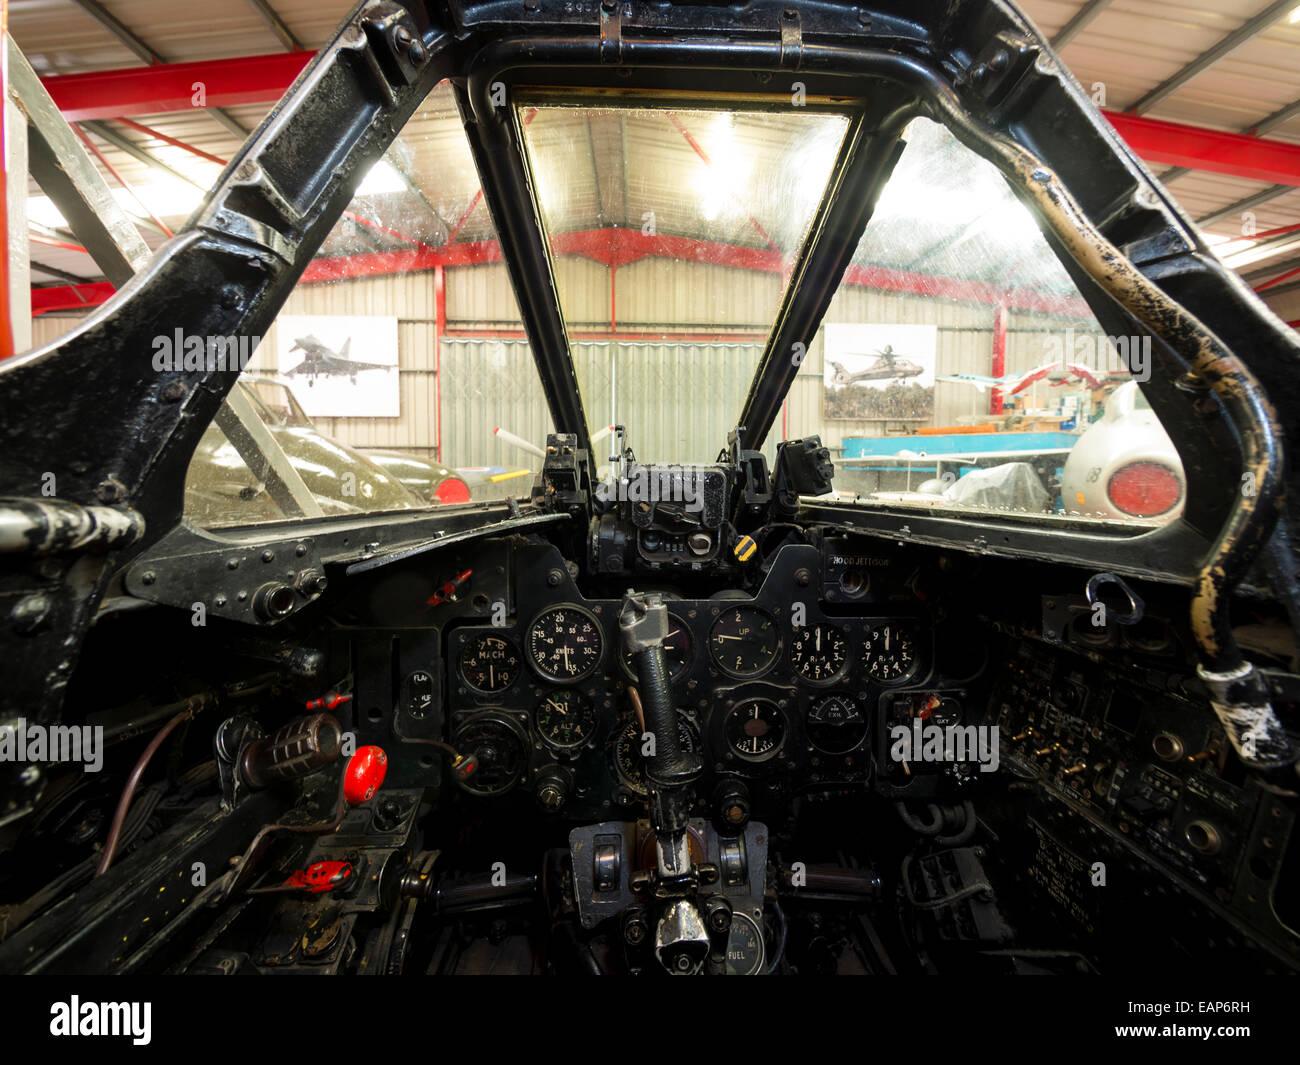 cockpit of a 1950s vintage RAF Meteor jet fighter - Stock Image